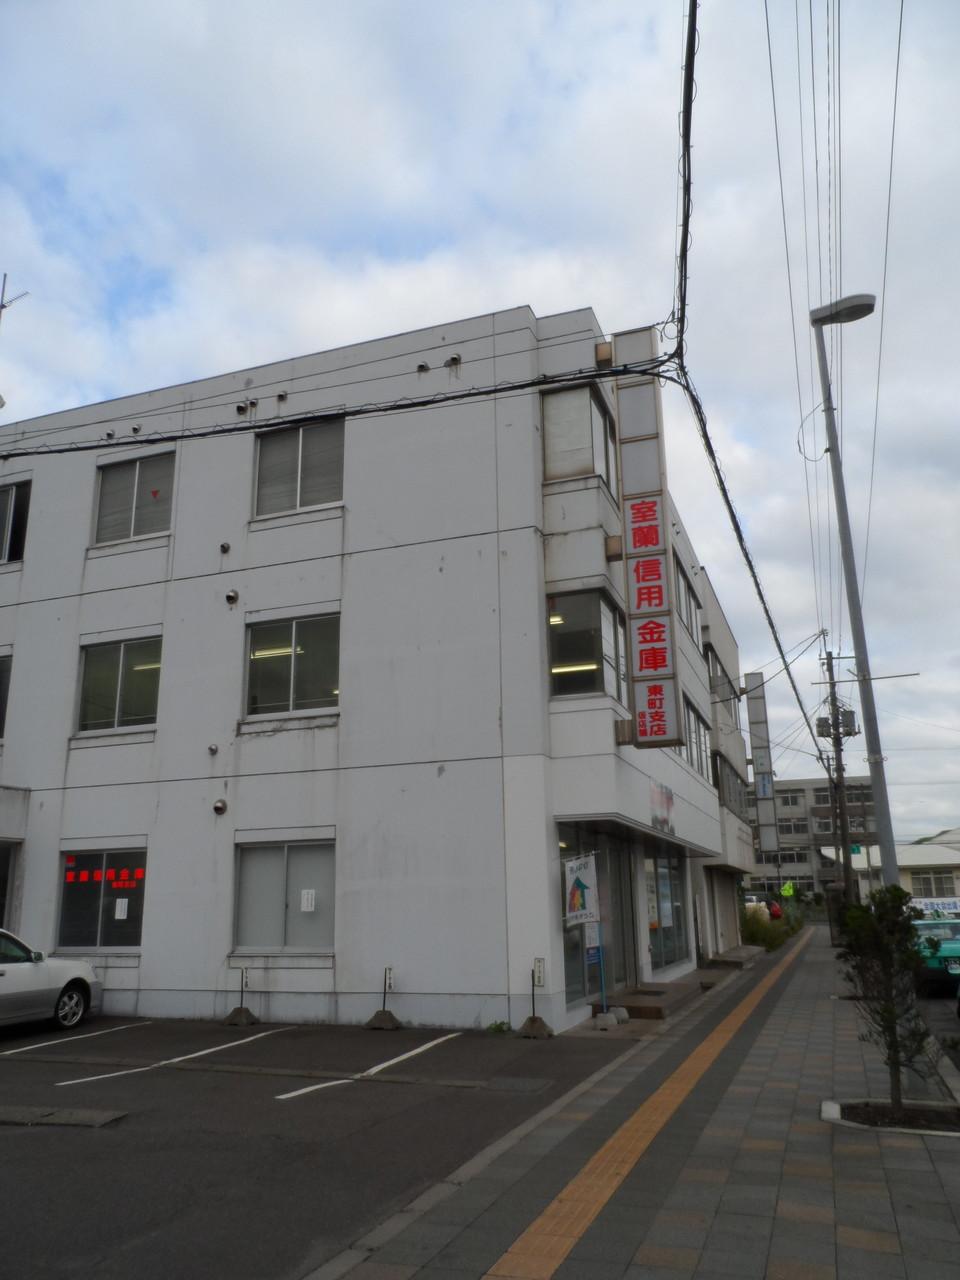 室蘭信用金庫東町支店仮店舗 | ...